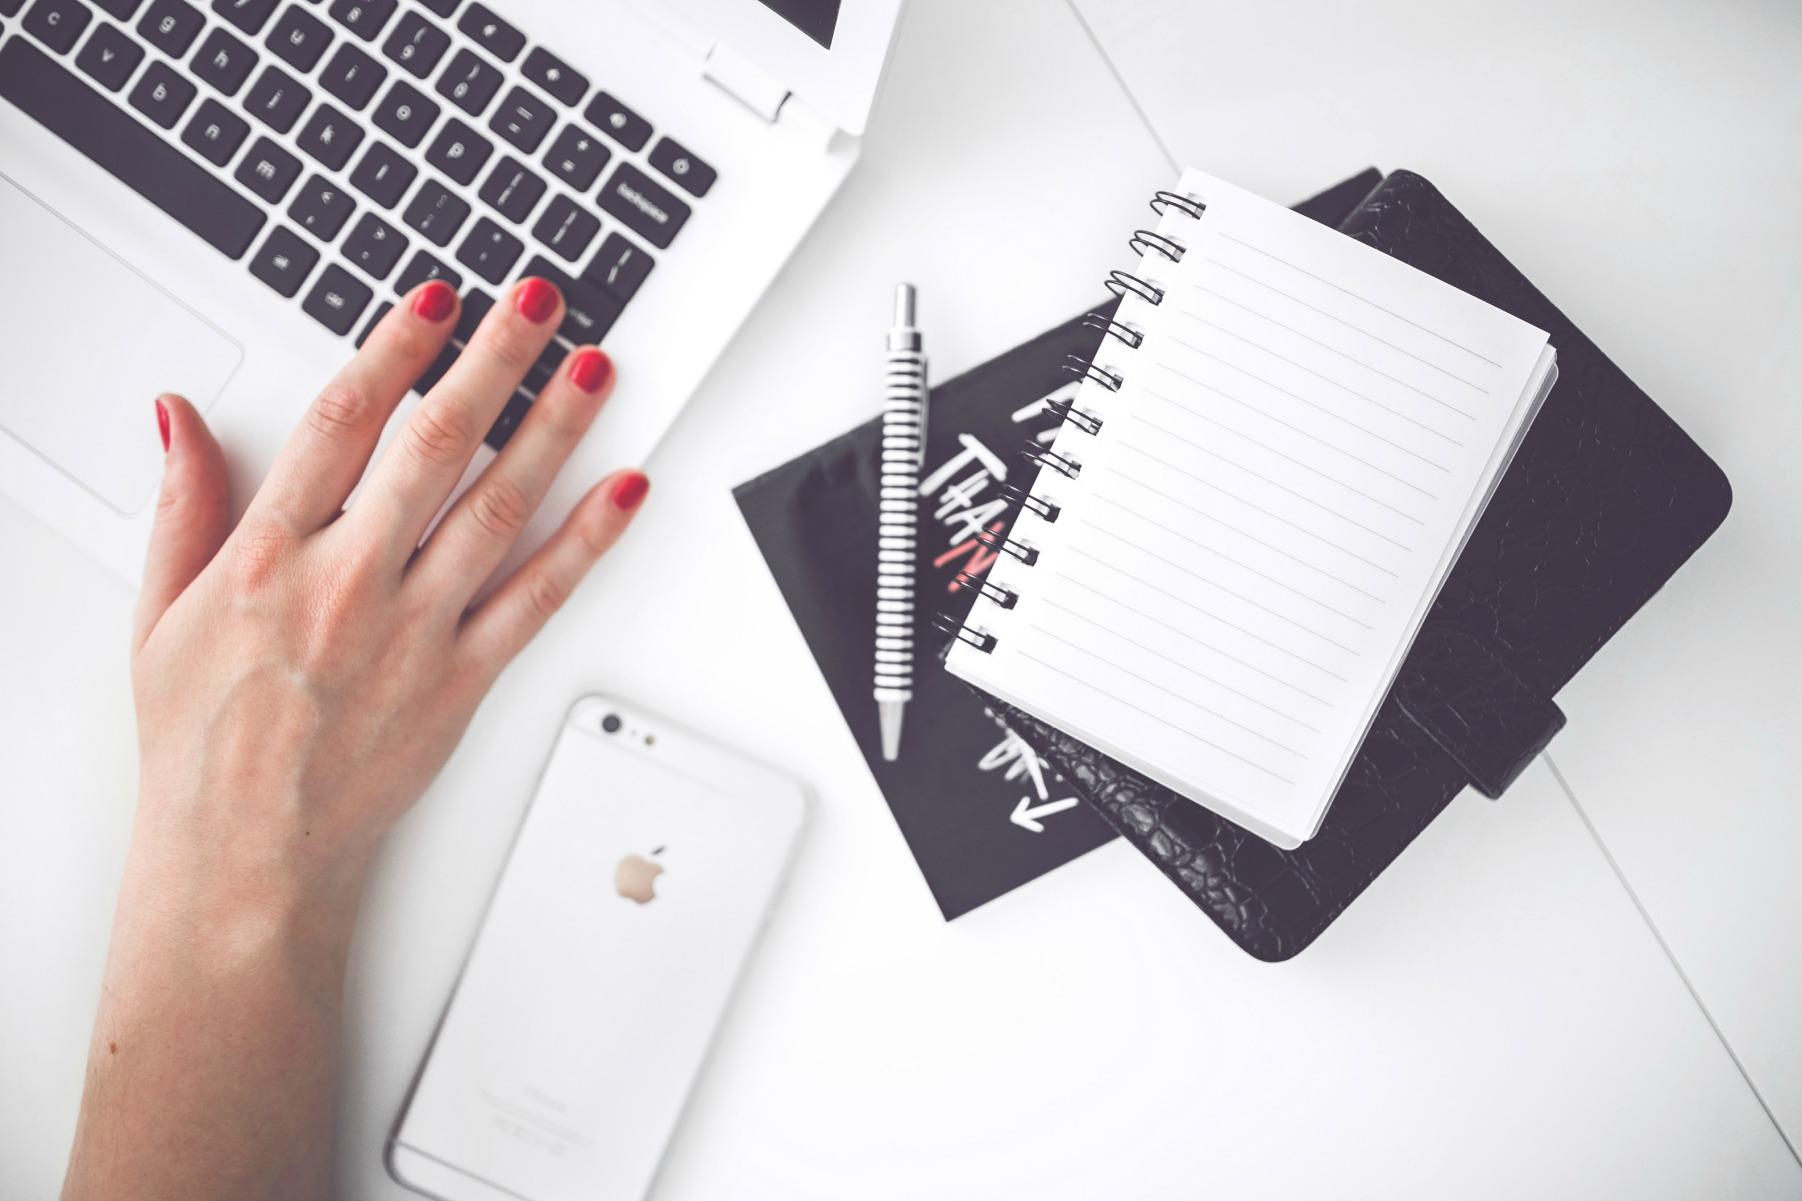 arbejde, planlægning, konstruktiv, online kurser, kursus, arbejde, online, produktiv, computer